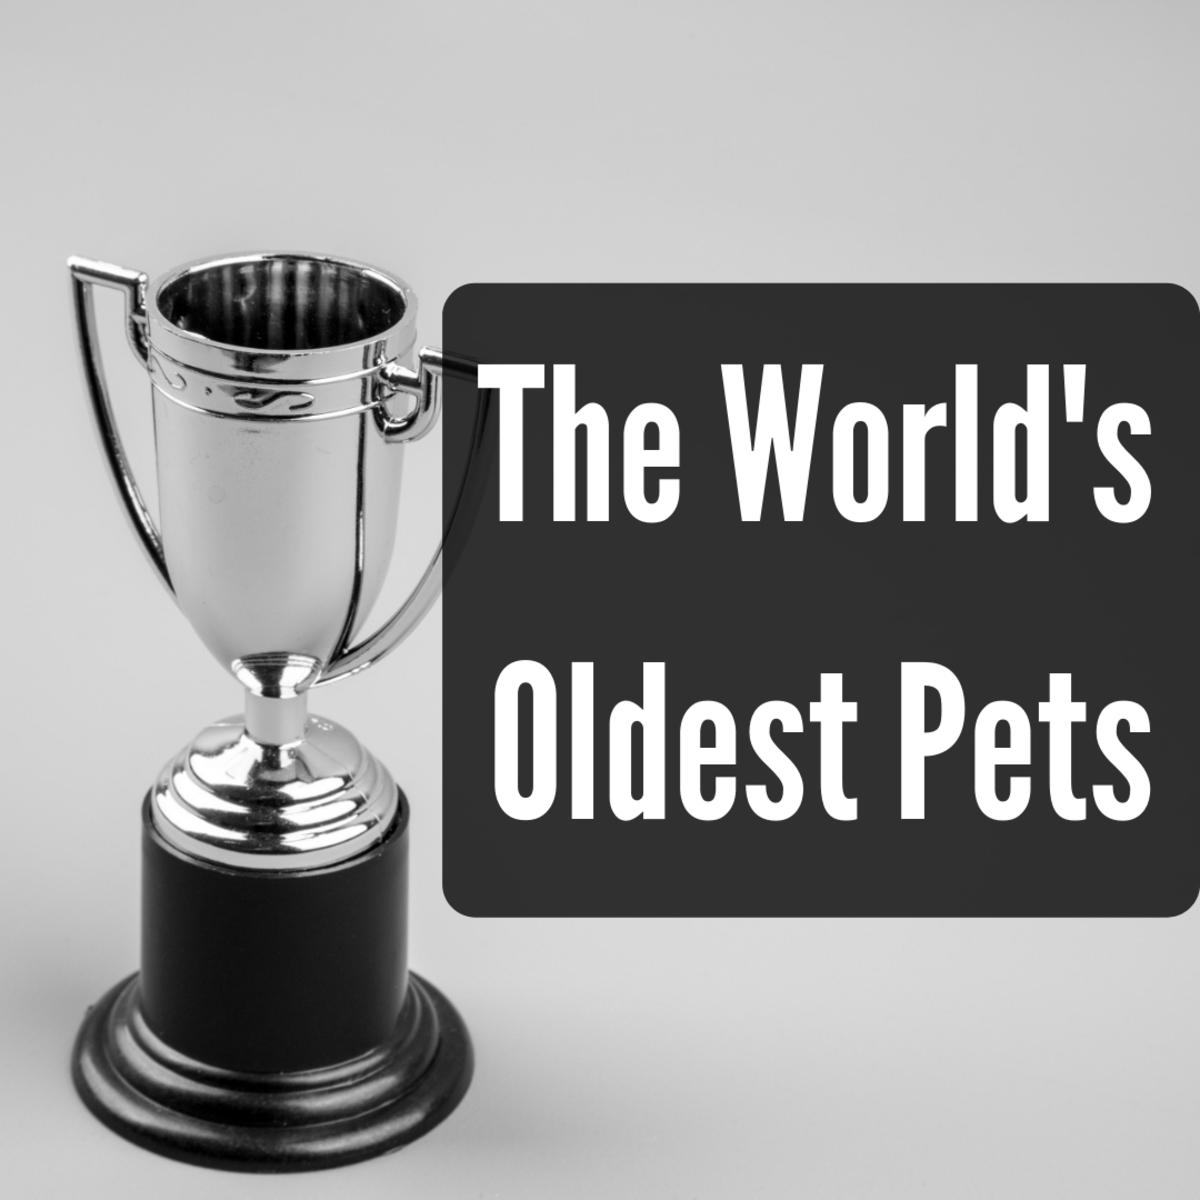 Meet the World's Oldest Pets